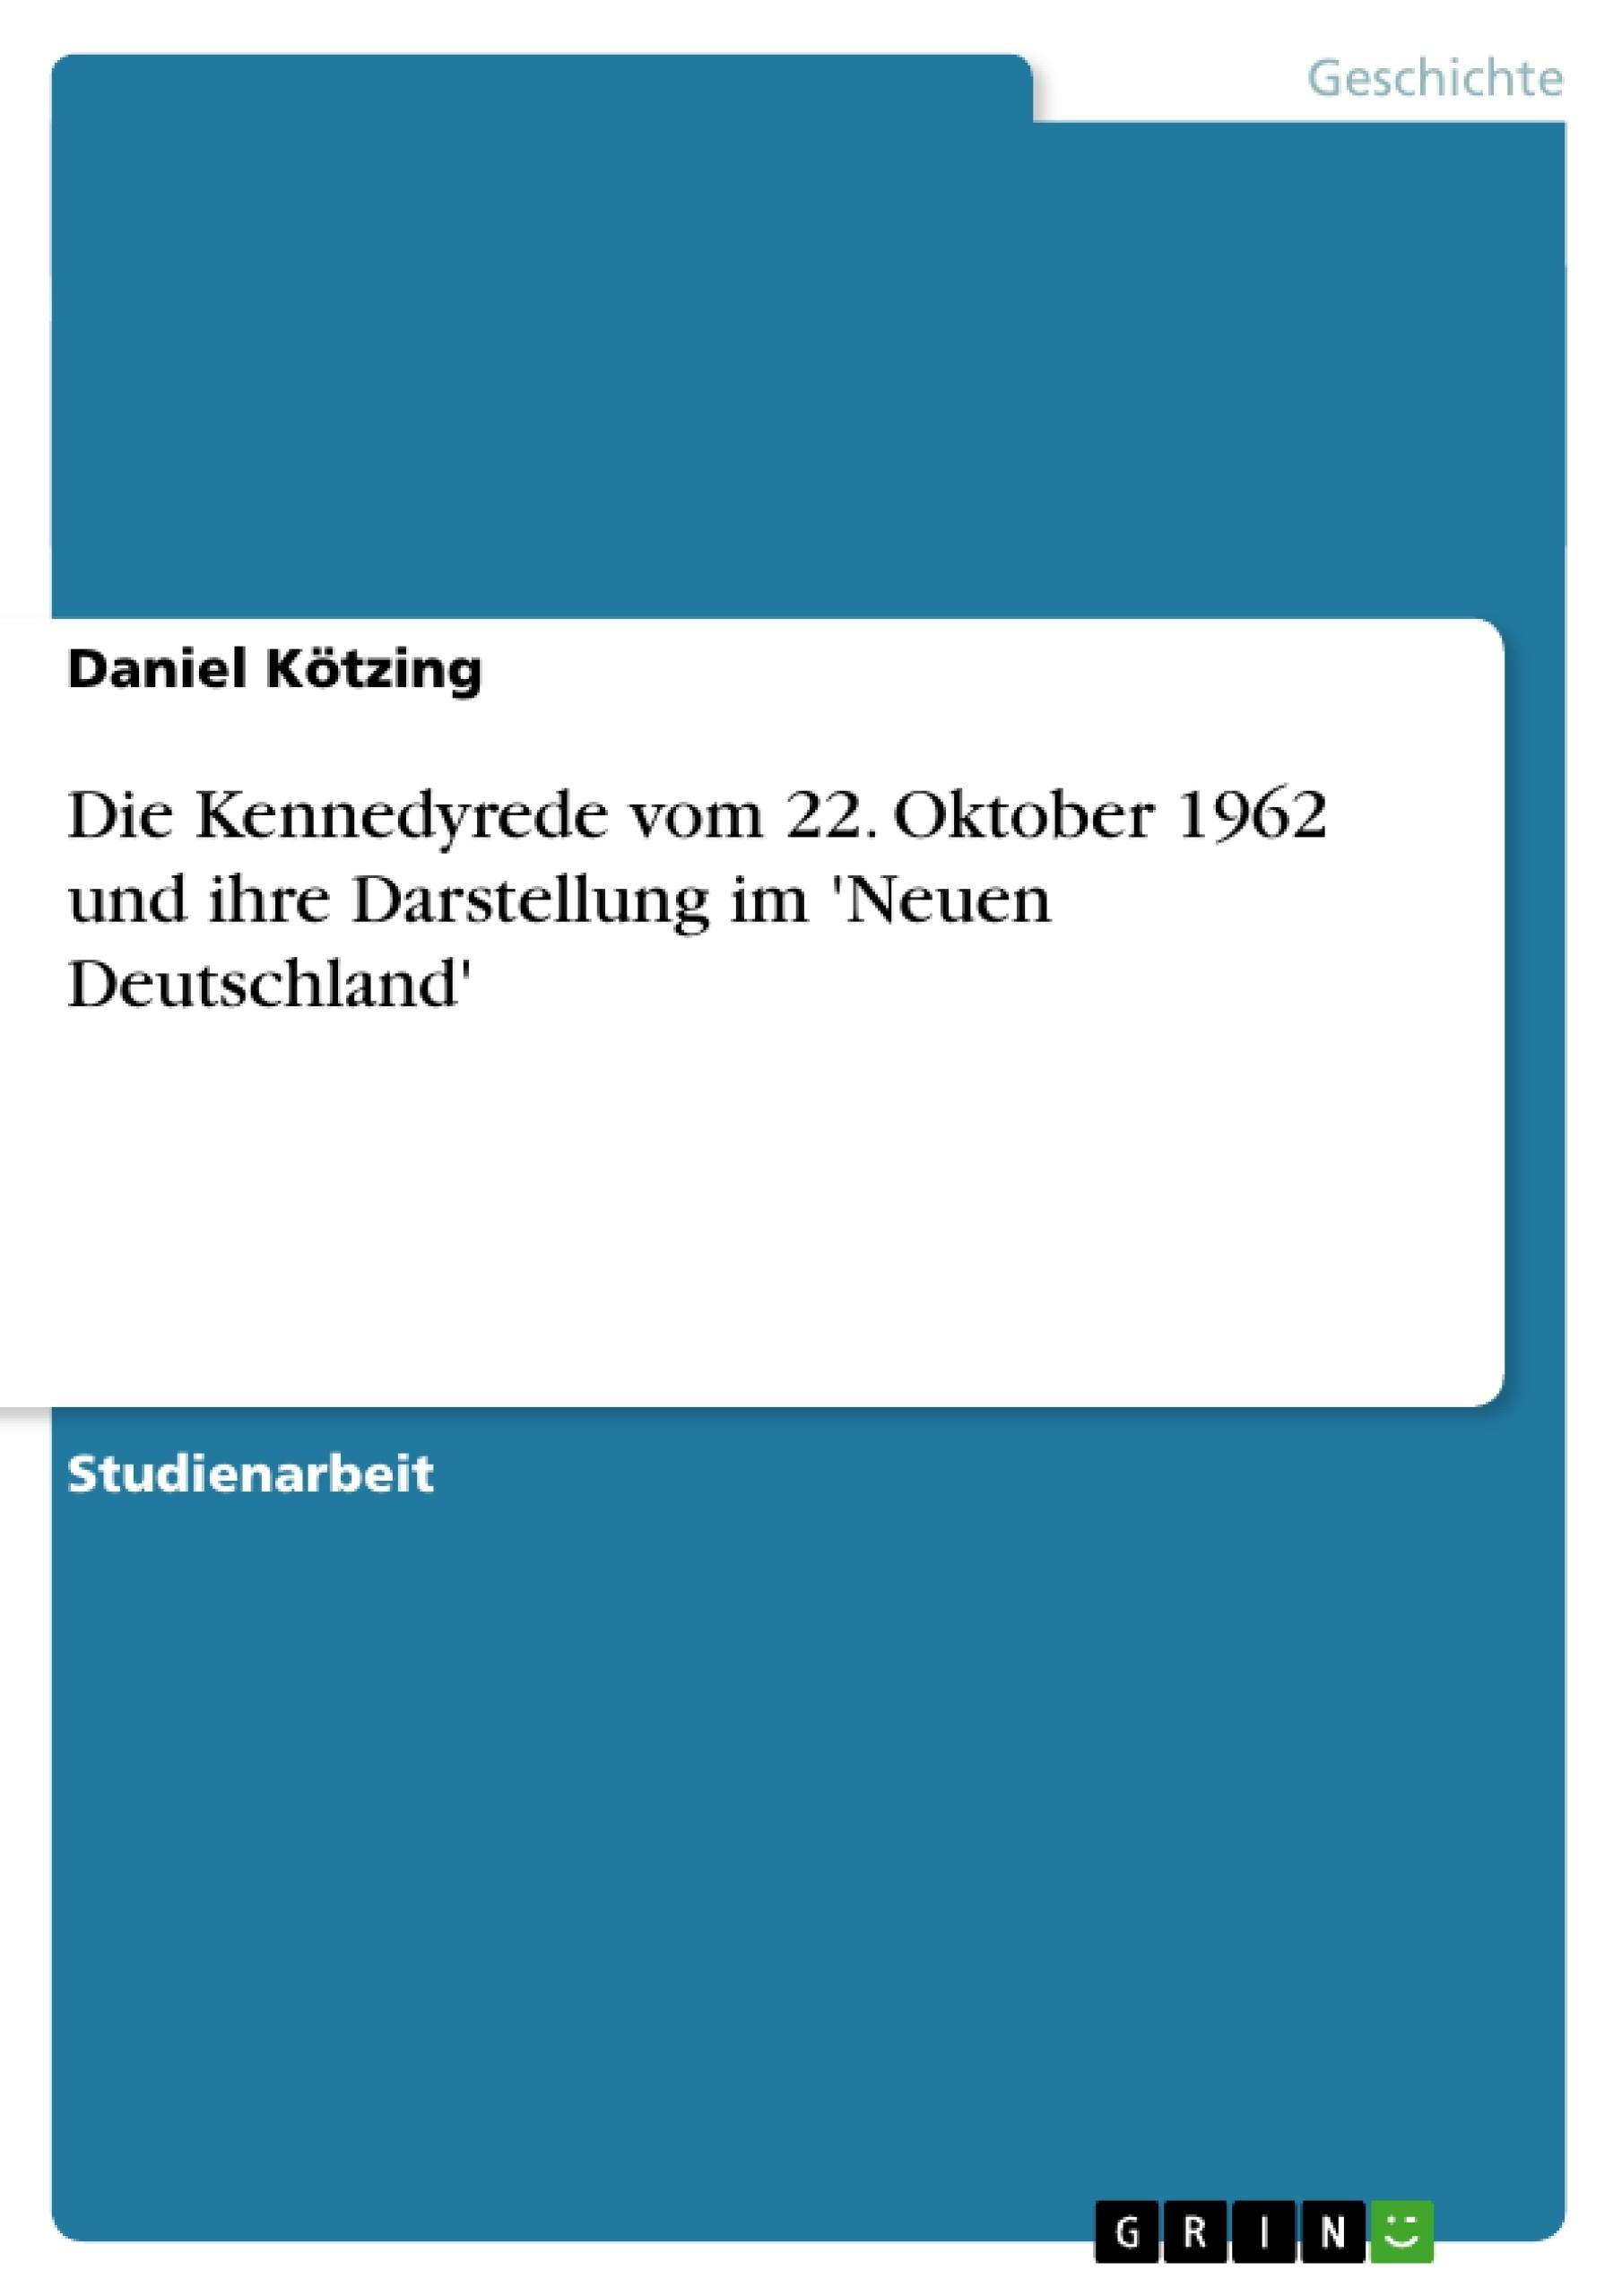 Titel: Die Kennedyrede vom 22. Oktober 1962 und ihre Darstellung im 'Neuen Deutschland'